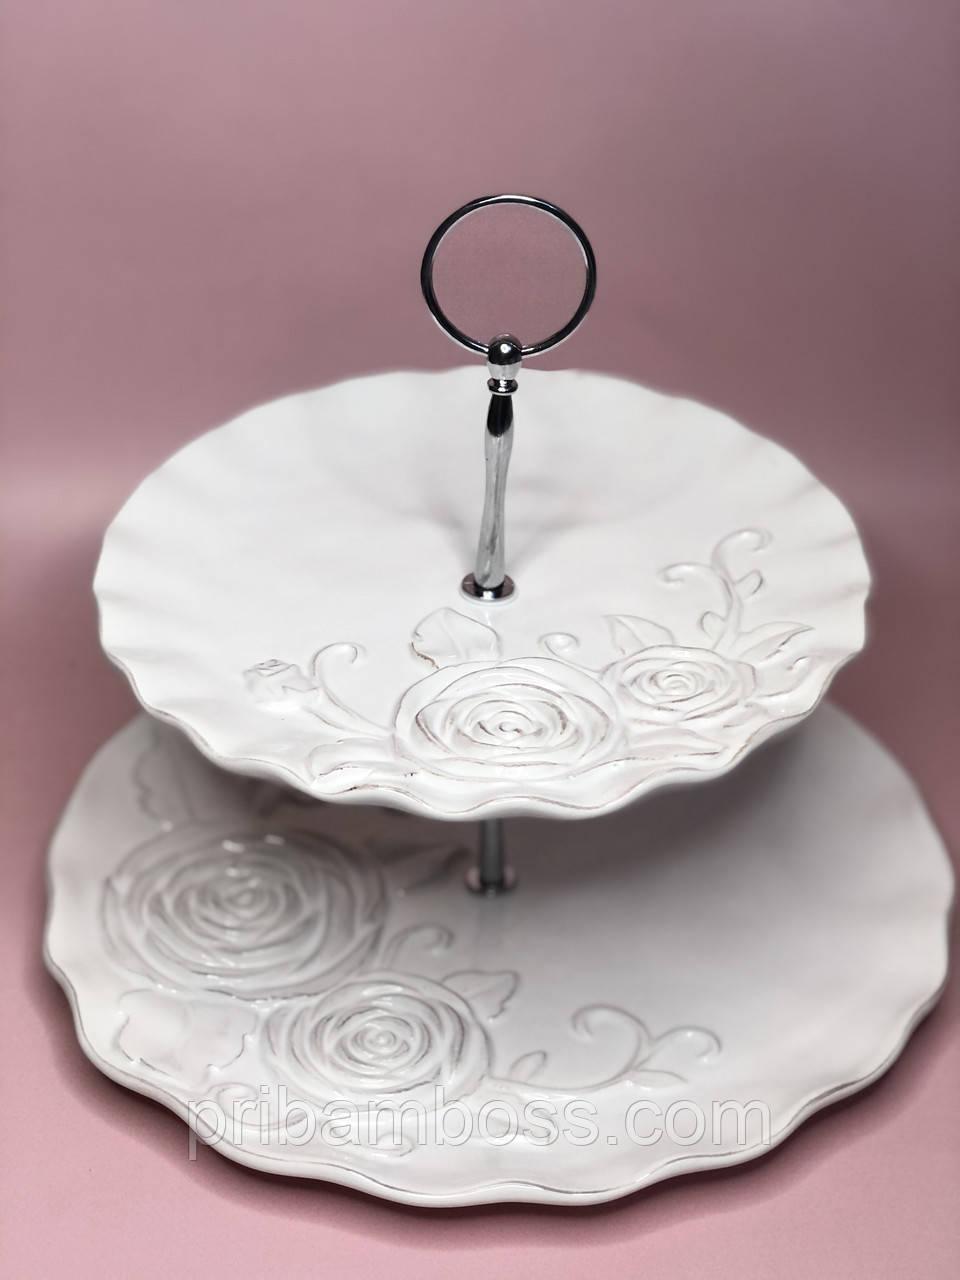 Этажерка керамическая двухъярусная Аэлита, цвет - белый, 27см